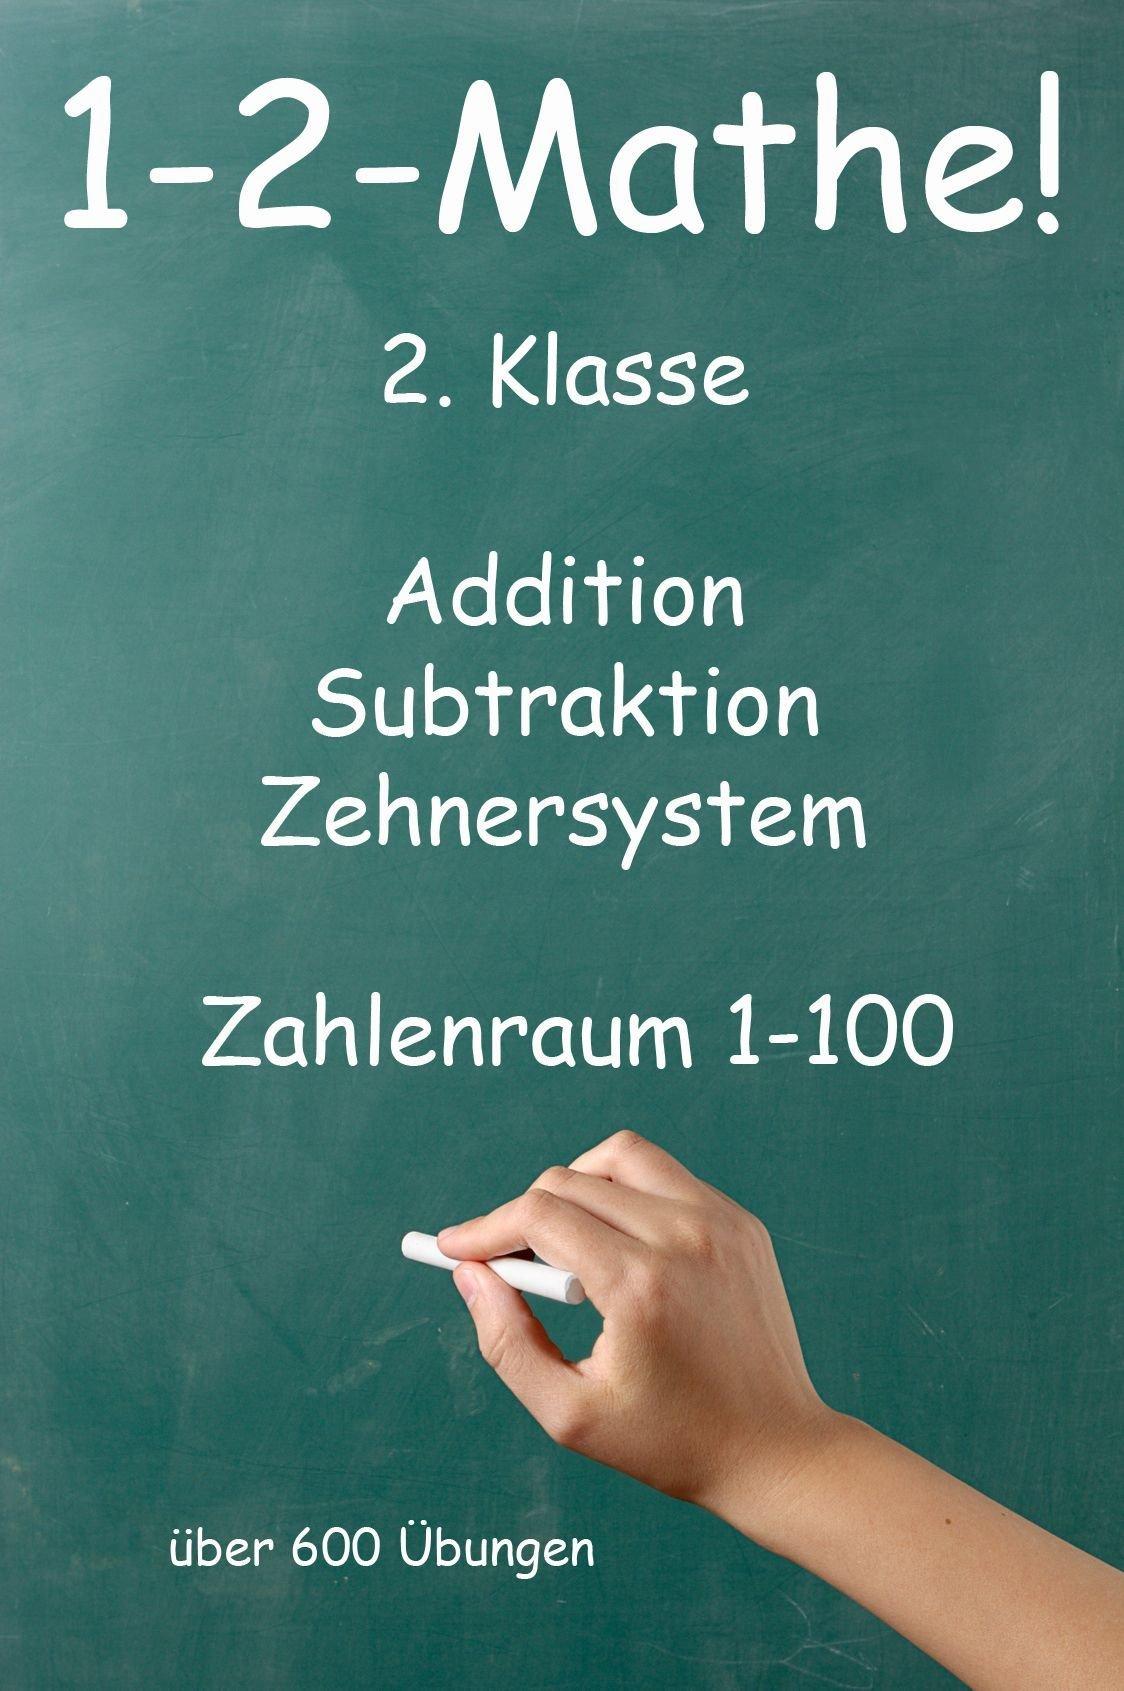 1-2-Mathe! - 2. Klasse - Addition-Subtraktion-Zehnersystem ...